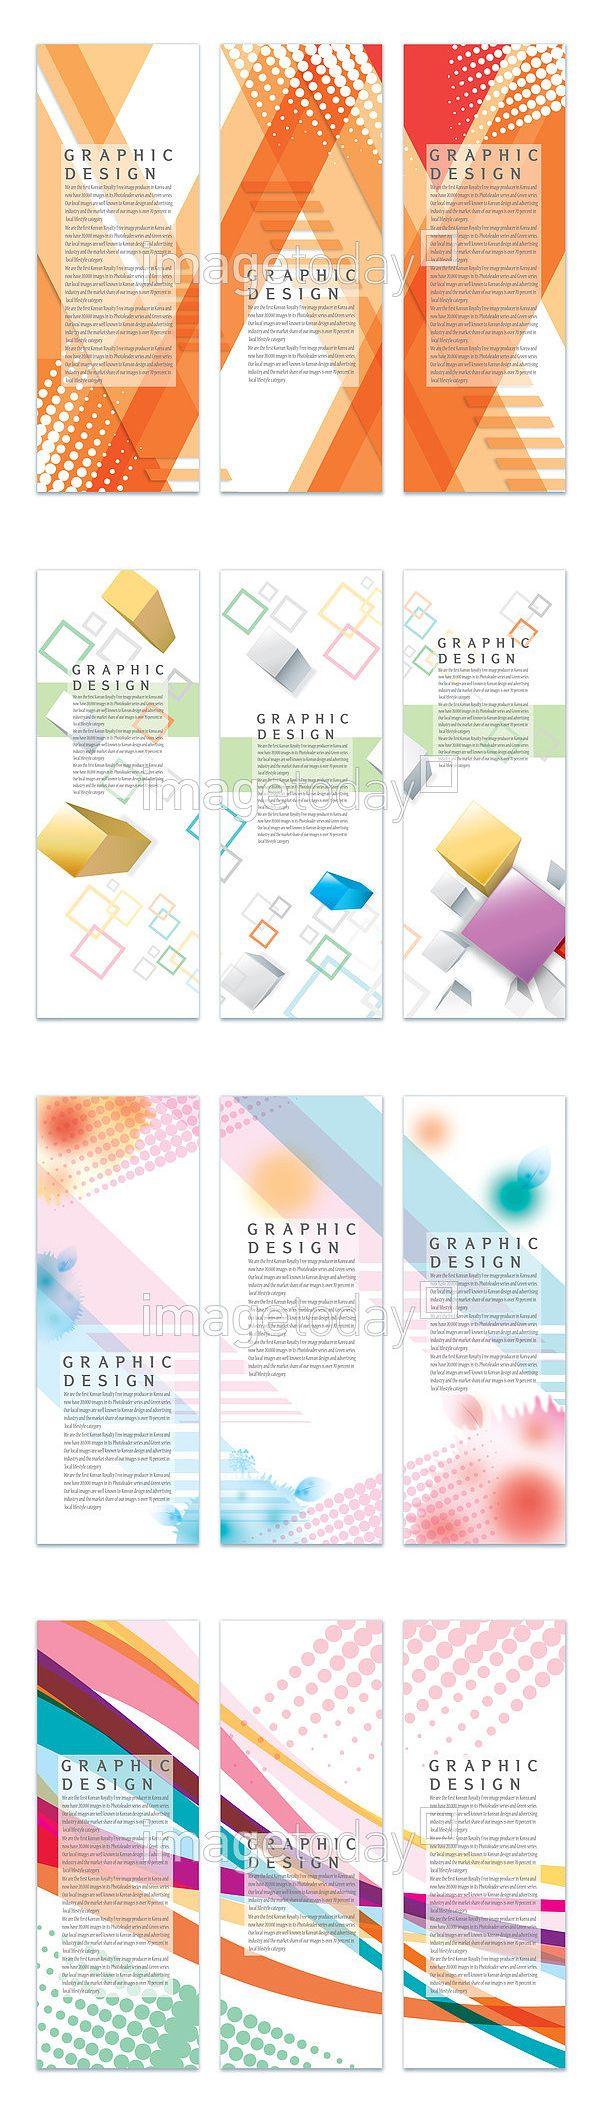 일러스트 그래픽CG 그래픽디자인 디자인 라인이펙트 무늬 물방울무늬 배너 백그라운드 브로슈어 사람없음 사선 선 세로 아트웍스 이펙트 주황색 팸플릿…